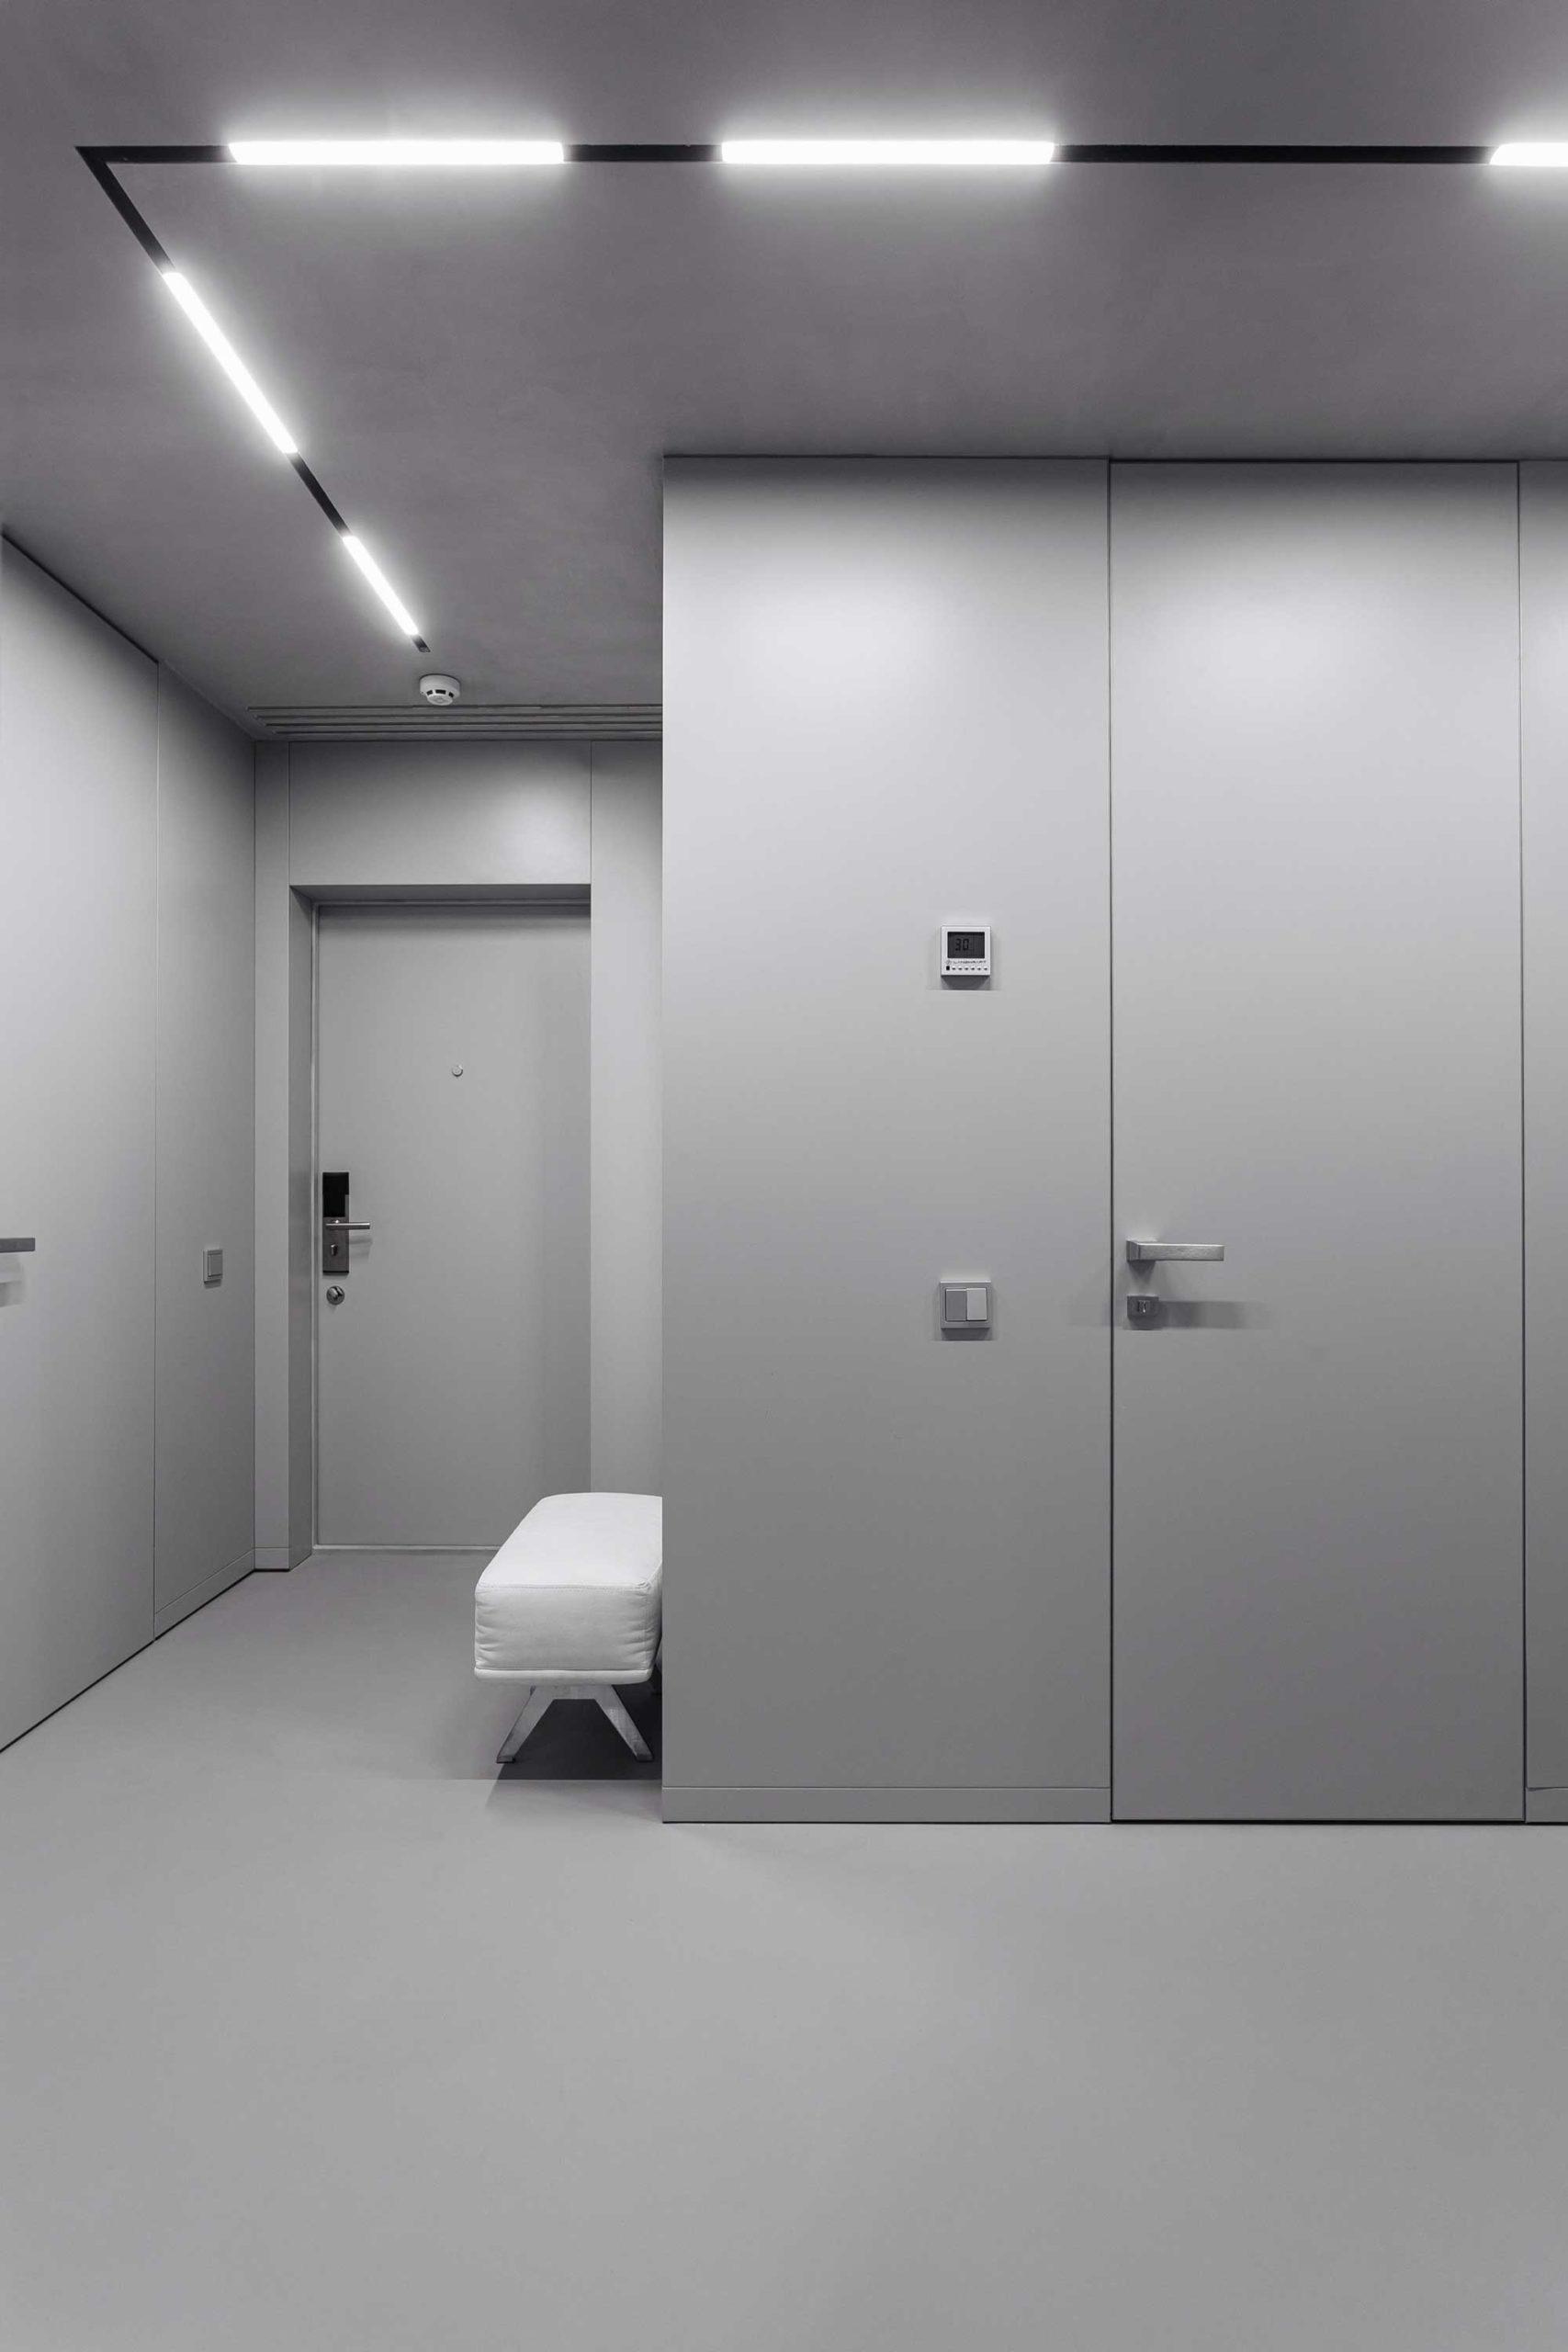 Une entrée minimaliste dans les tons de gris avec éclairages néons et banquette blanche